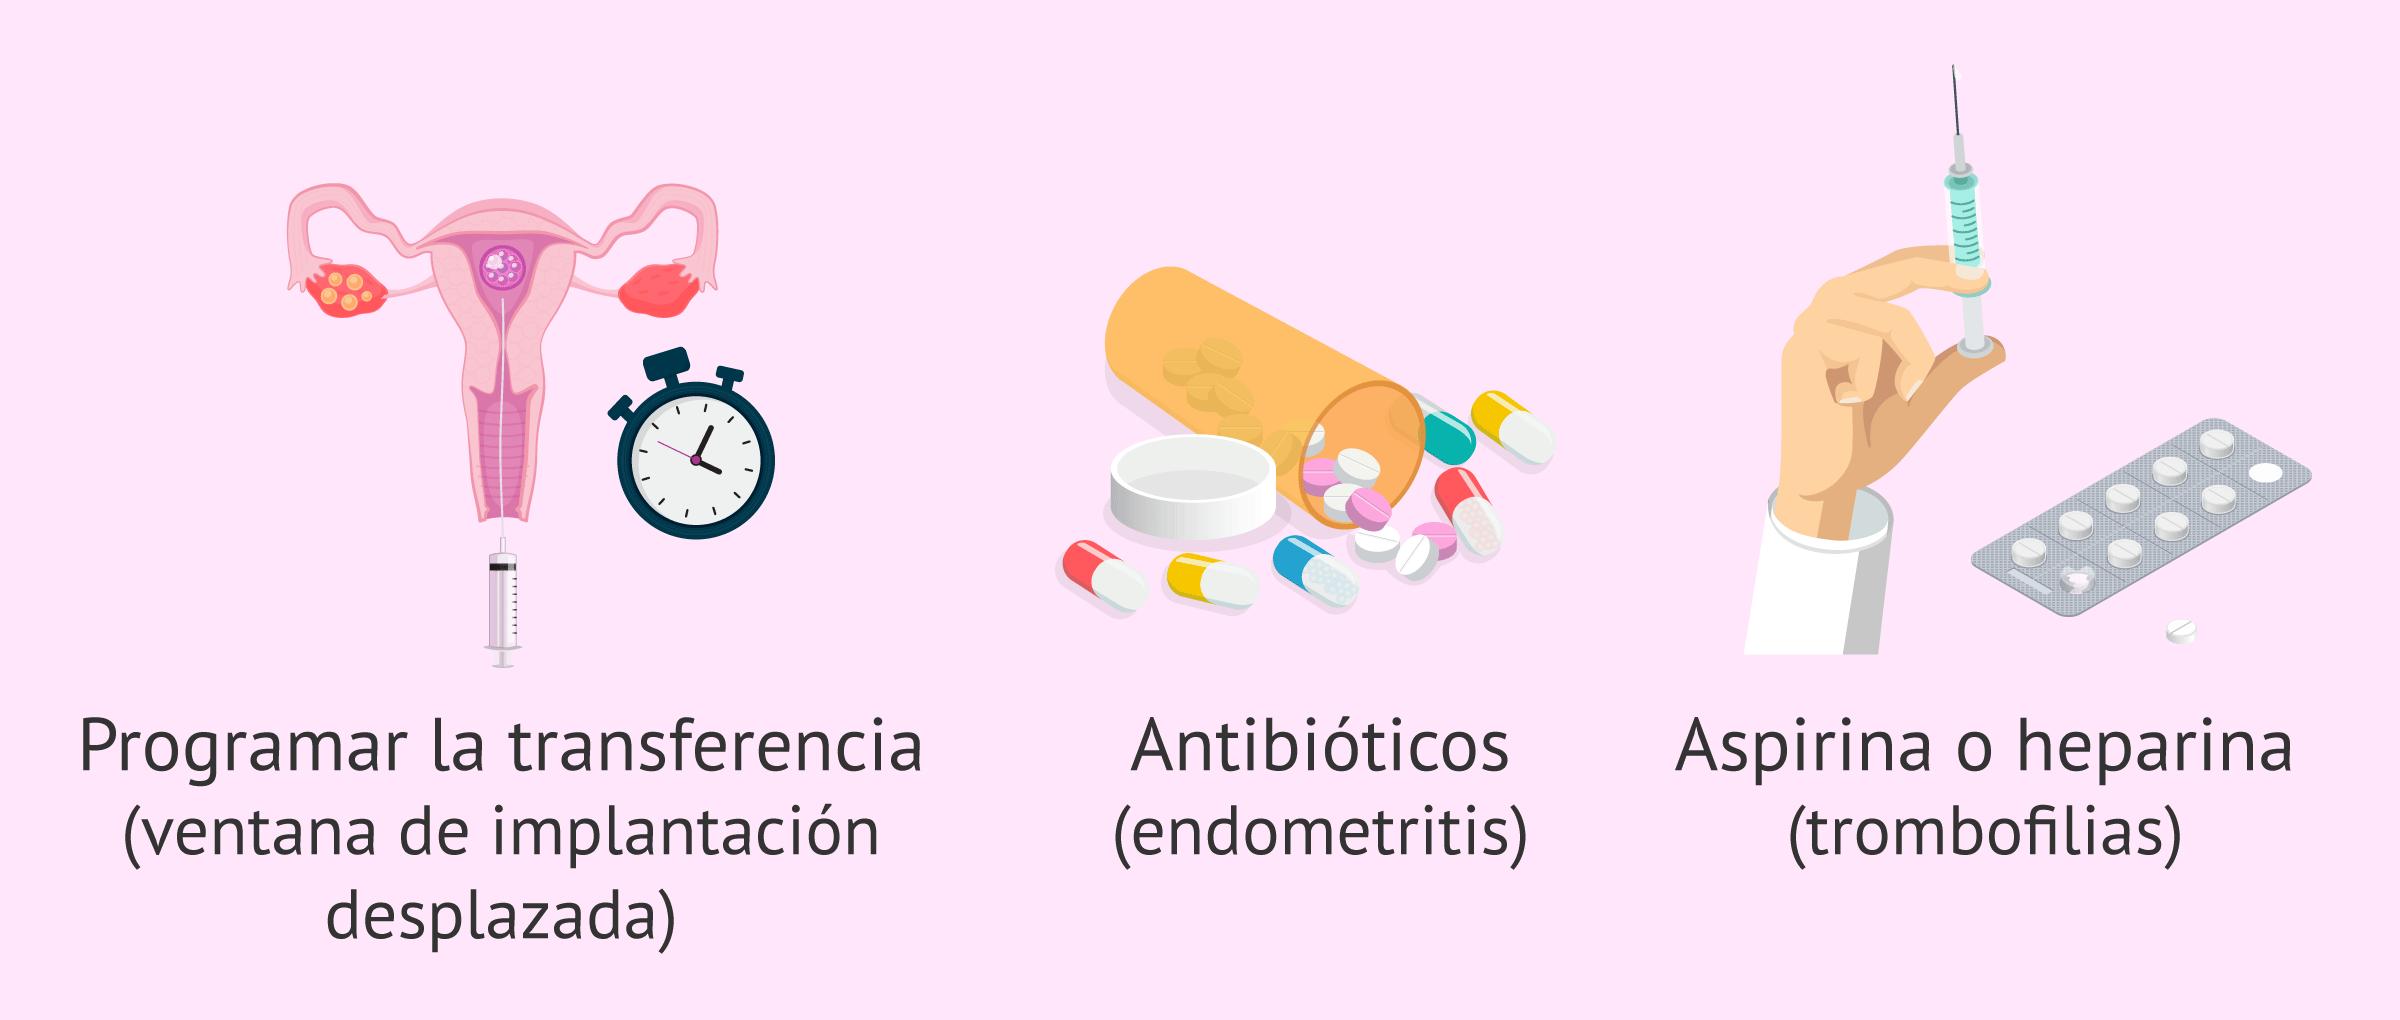 Tratamiento para la baja receptividad endometrial